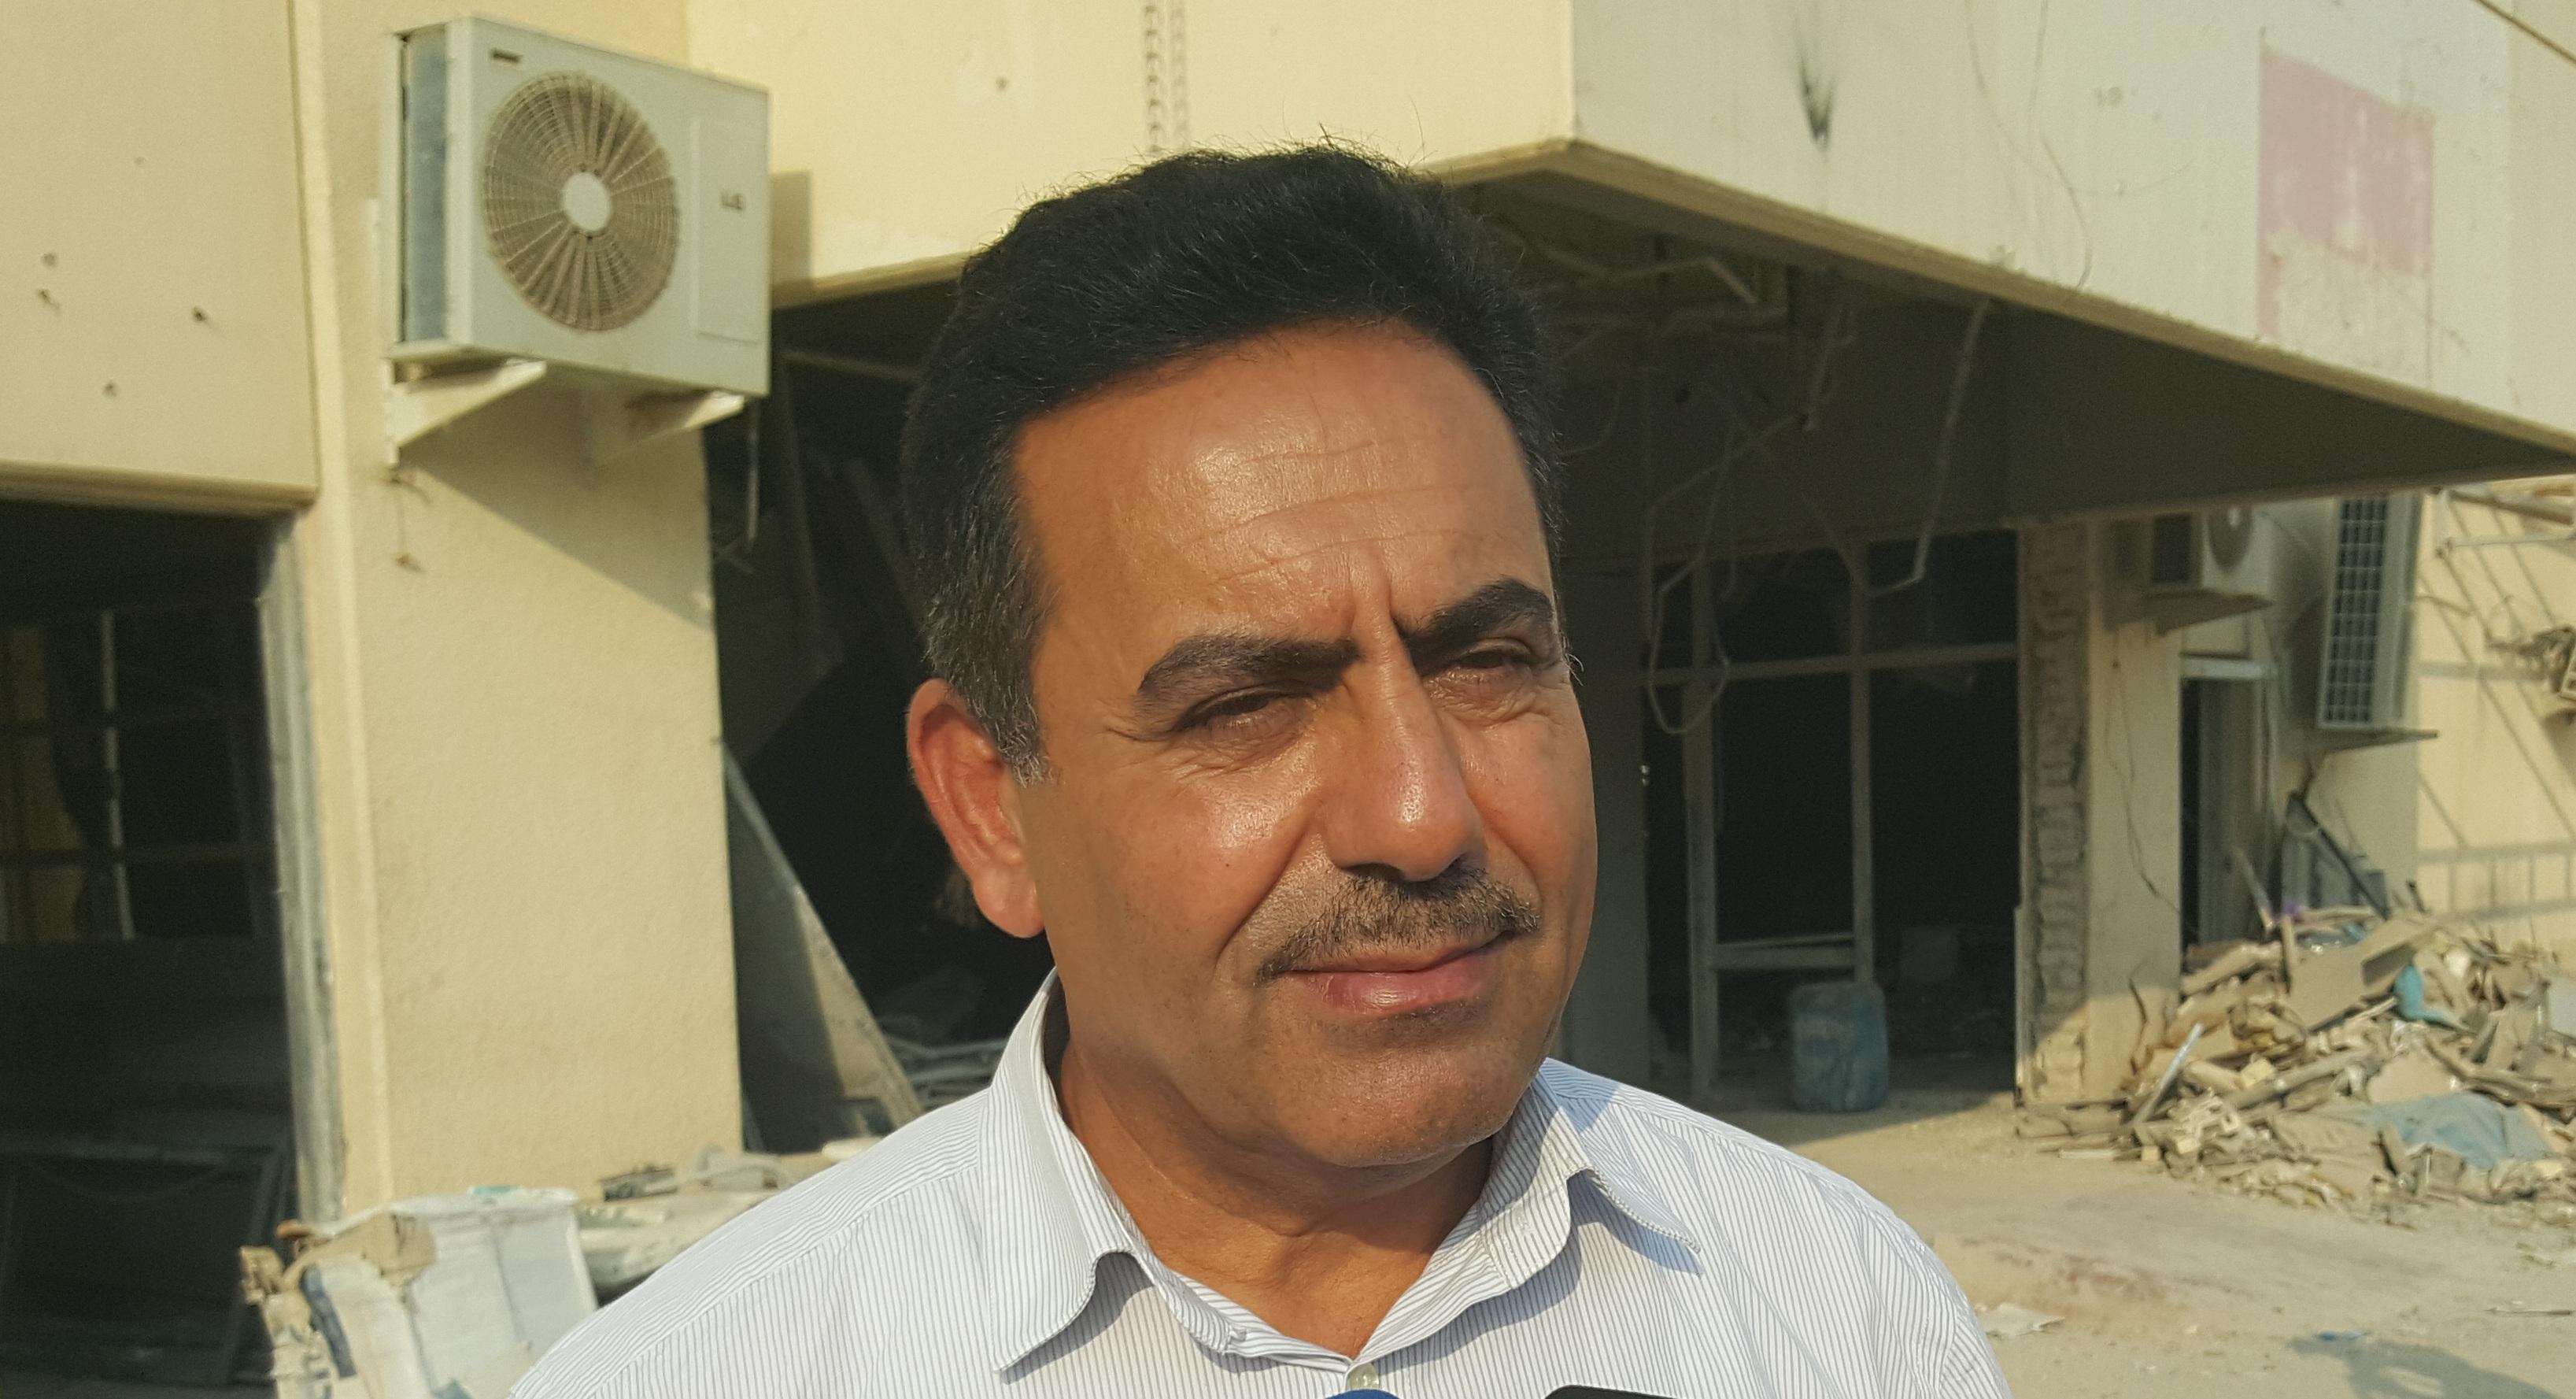 اطلاق سراح مدير مستشفى الرمادي العام بعد أسبوع على اعتقاله